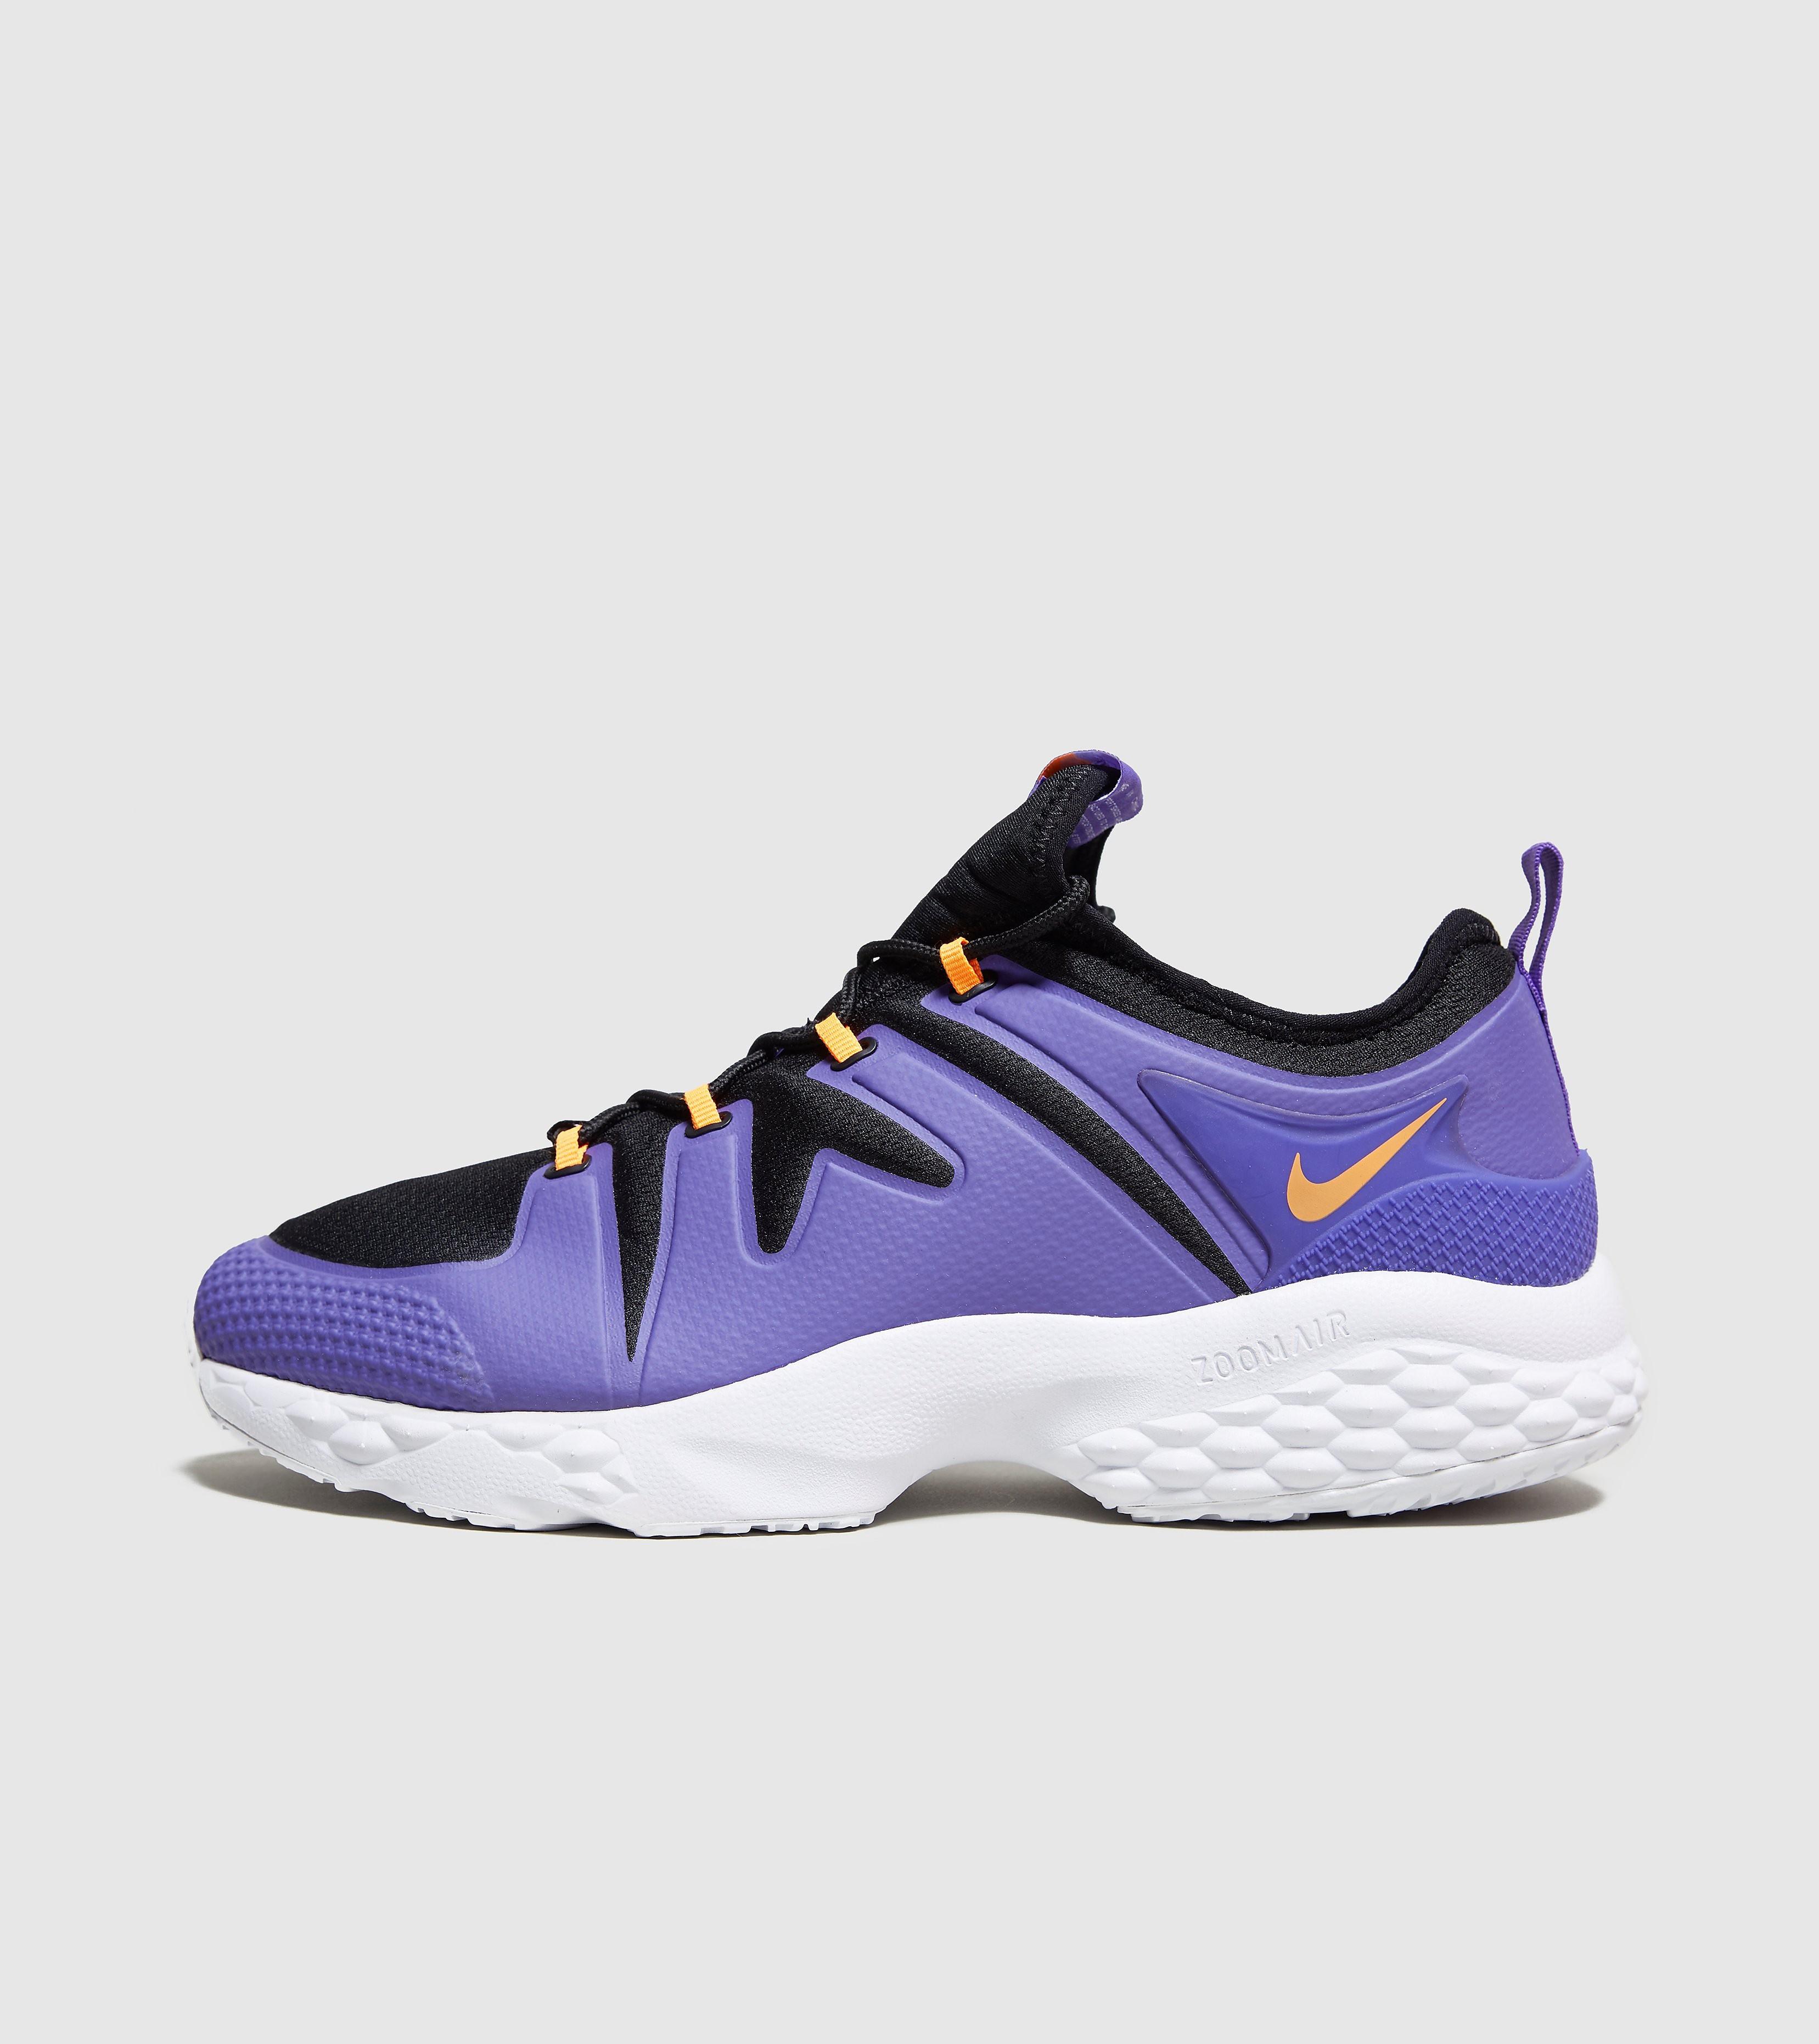 Nike Zoom LWP